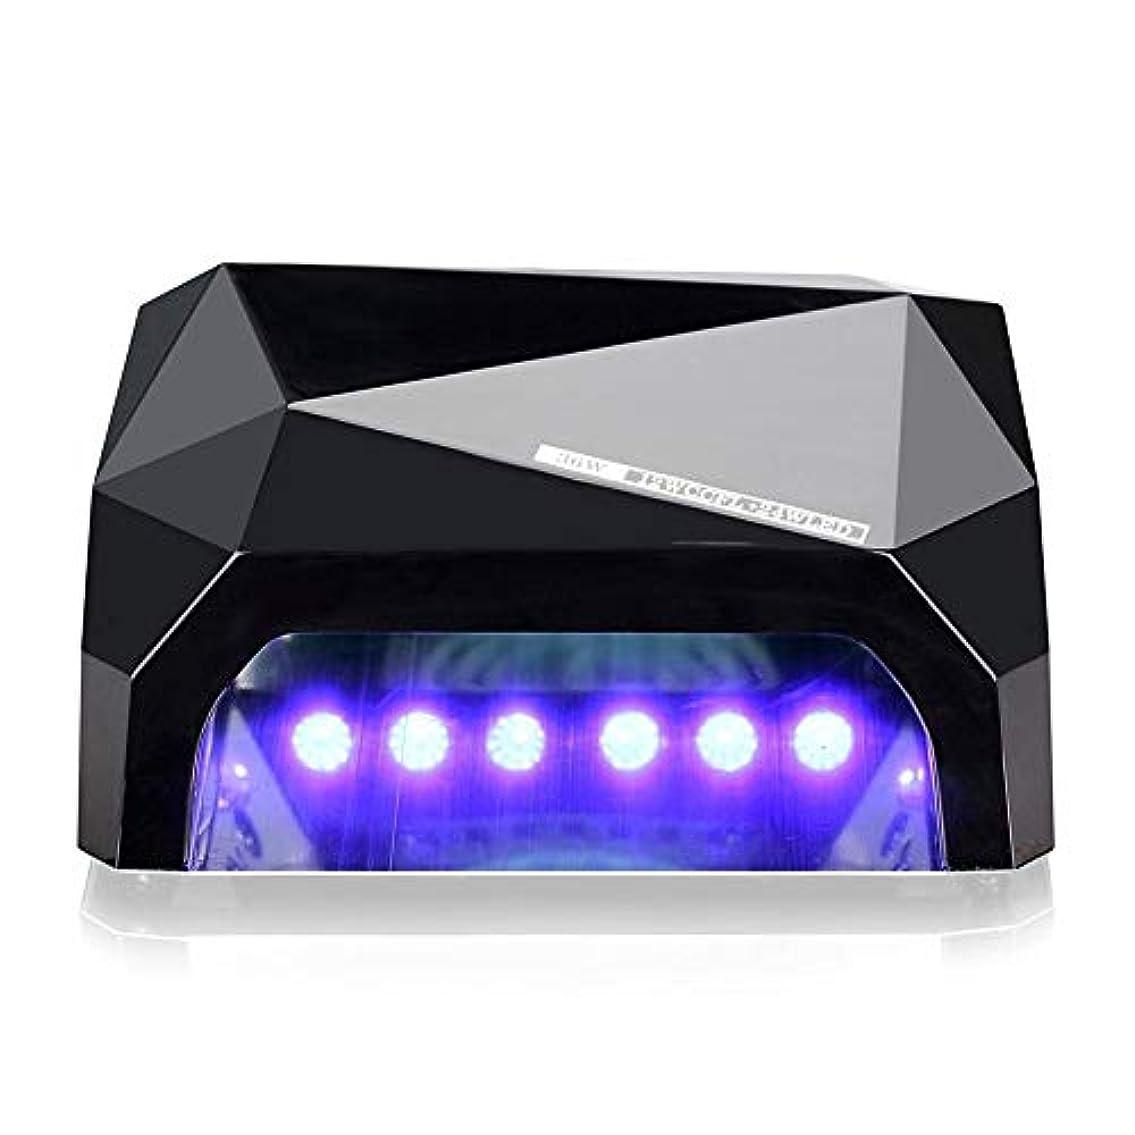 コーラス該当する外交官36W LED UVネイルランプネイルライトドライヤー用硬化ジェルネイルポリッシュ用ネイルアートマニキュアツール3タイムプレセット(10秒30秒60秒)6色